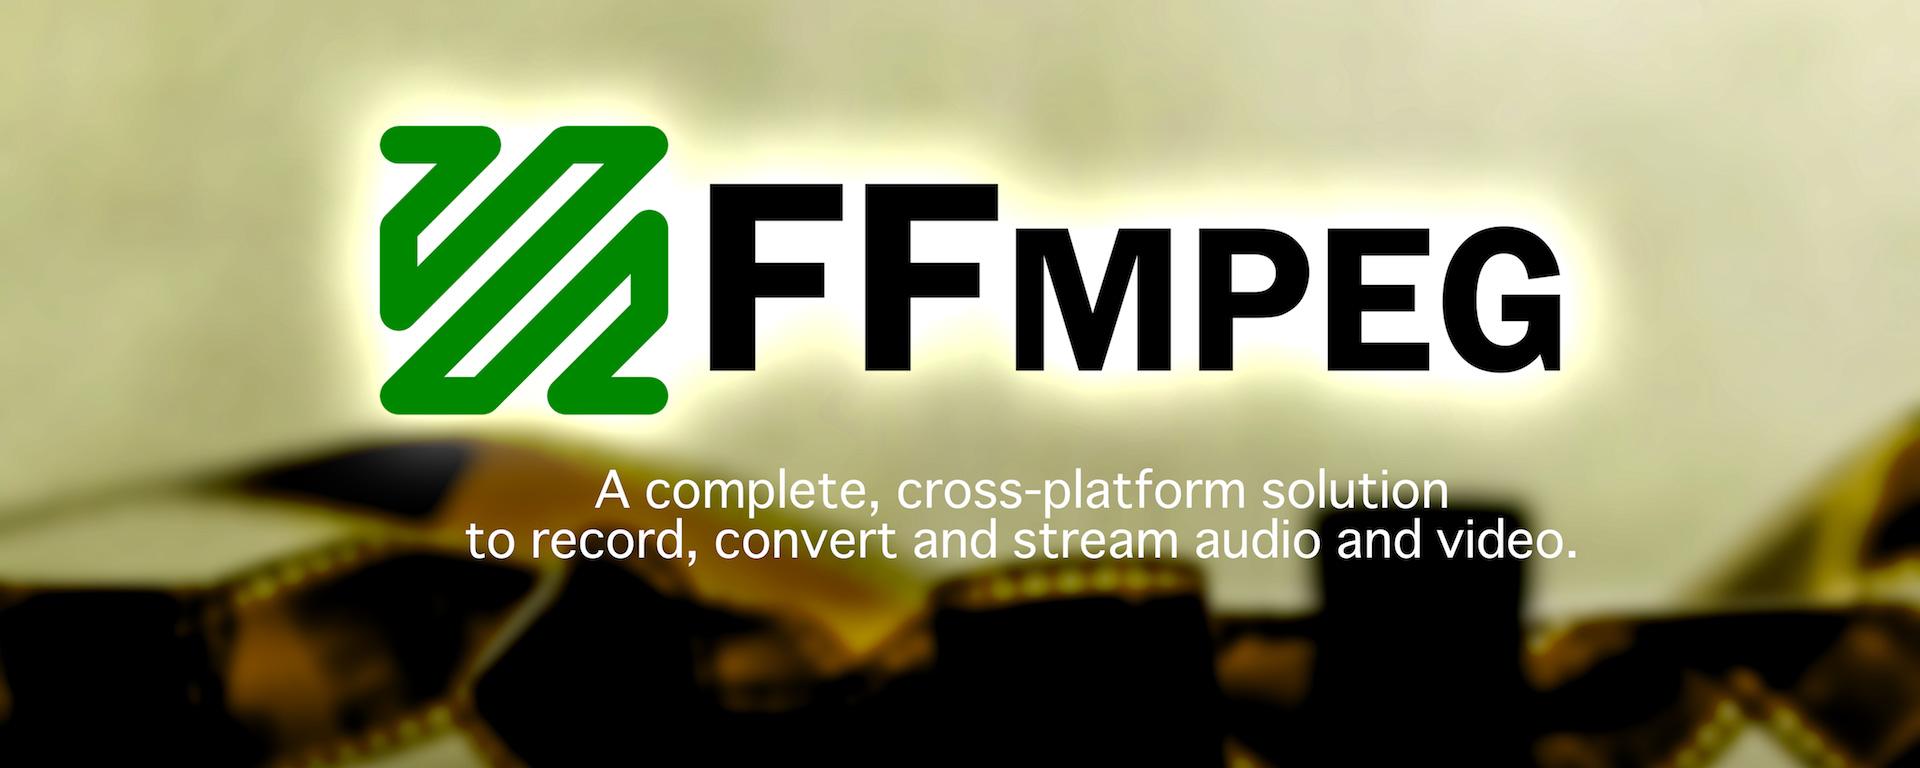 撮影した動画をFFmpegとWatsonを使って字幕とロゴの挿入を自動化した